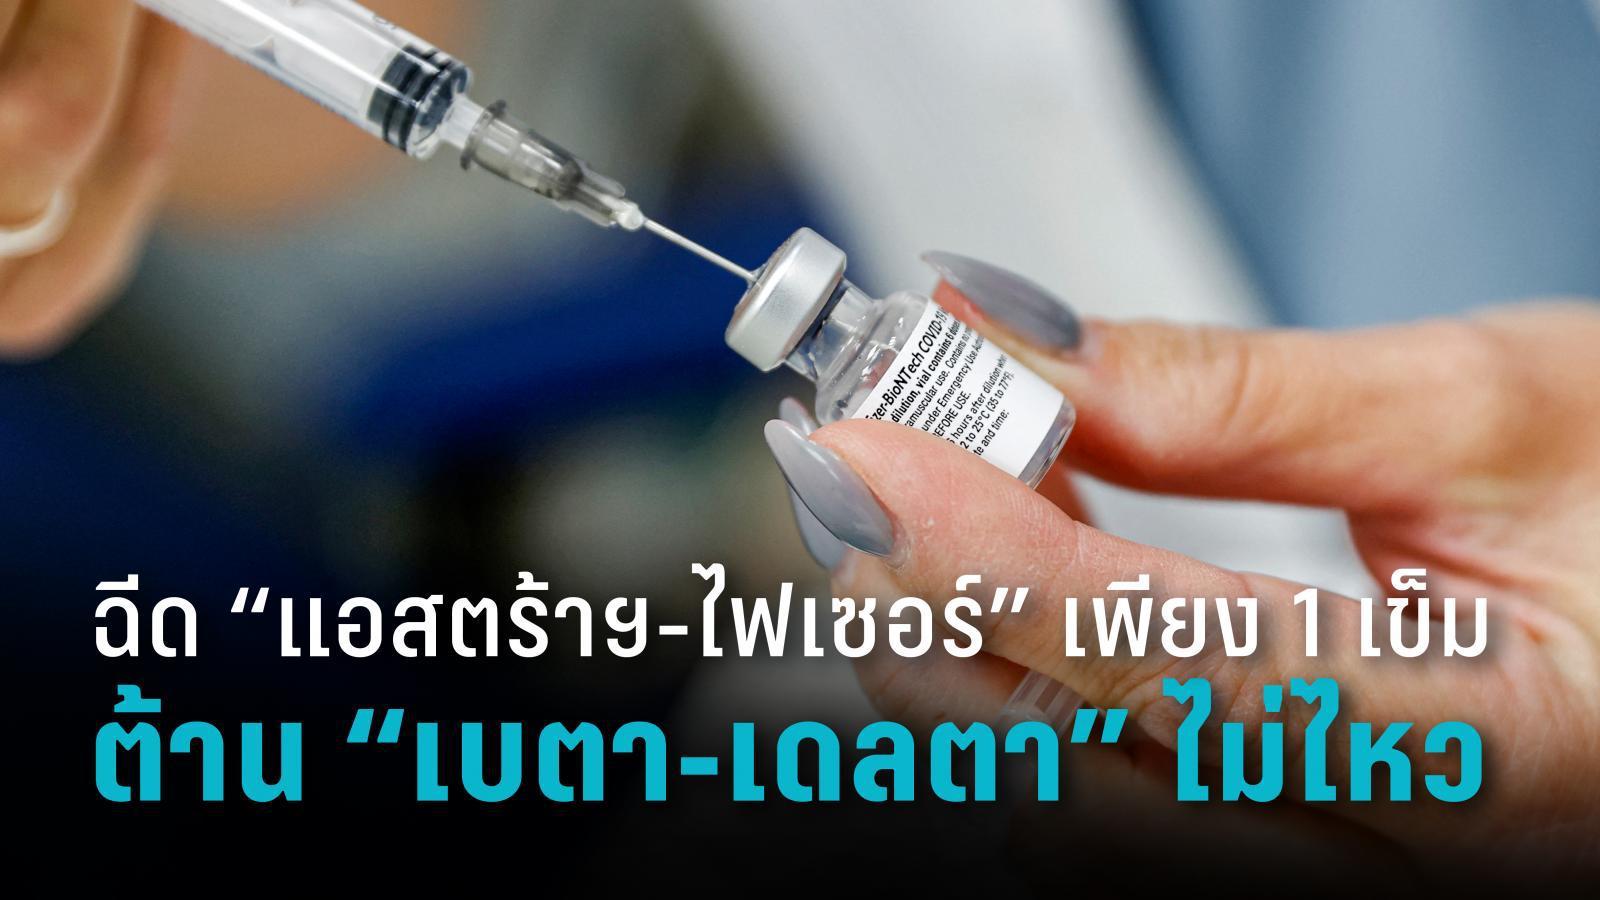 """ต้องเร่งฉีด! พบฉีดวัคซีนโควิด-19 เข็มเดียวสู้ """"เบตา-เดลตา"""" ไม่ไหว"""